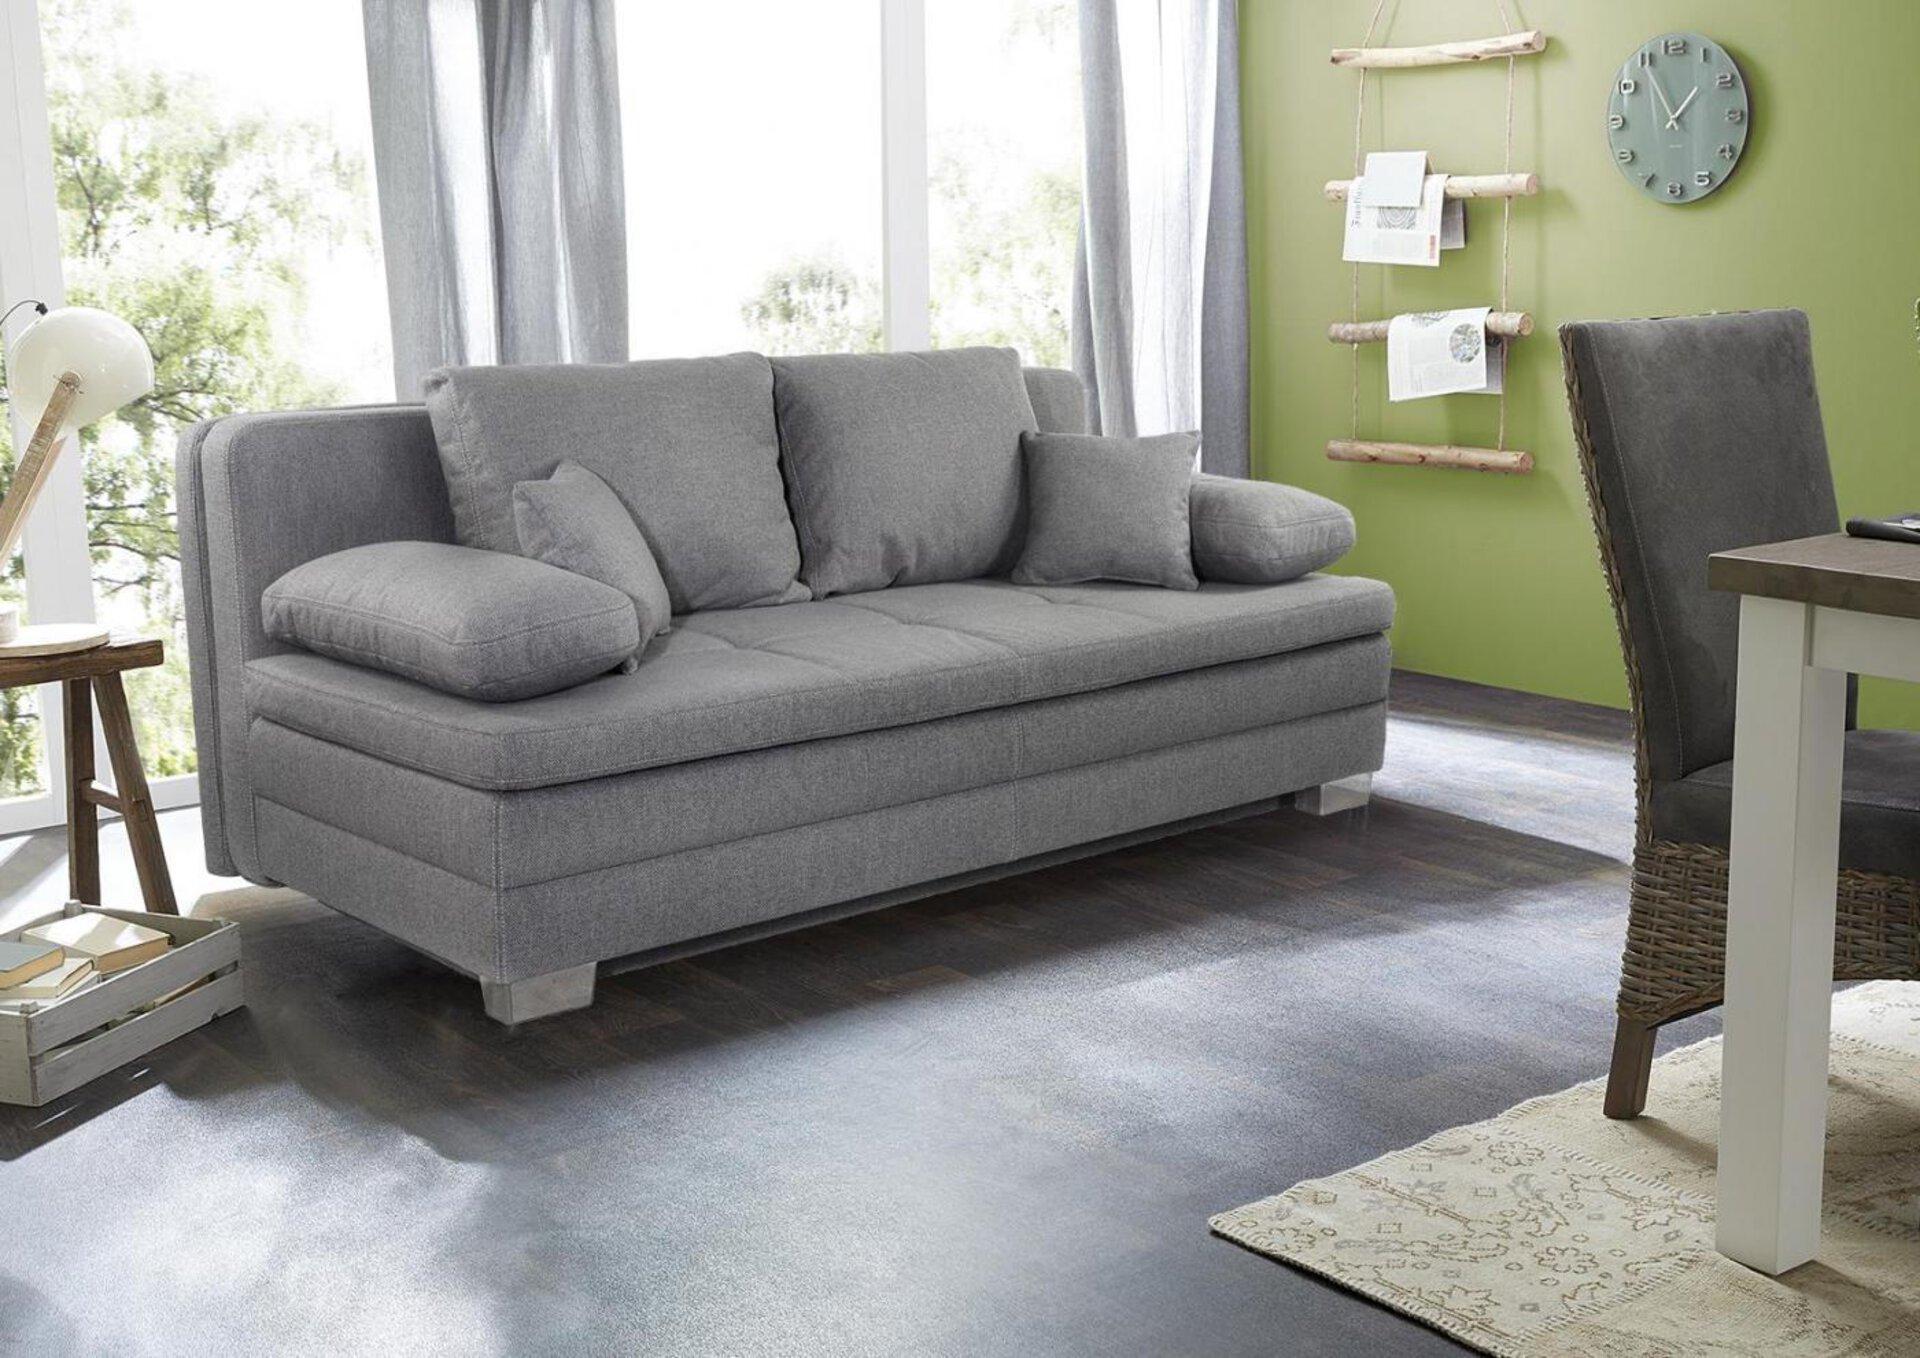 Verwandlungssofa LINDAU CELECT Textil grau 106 x 81 x 203 cm